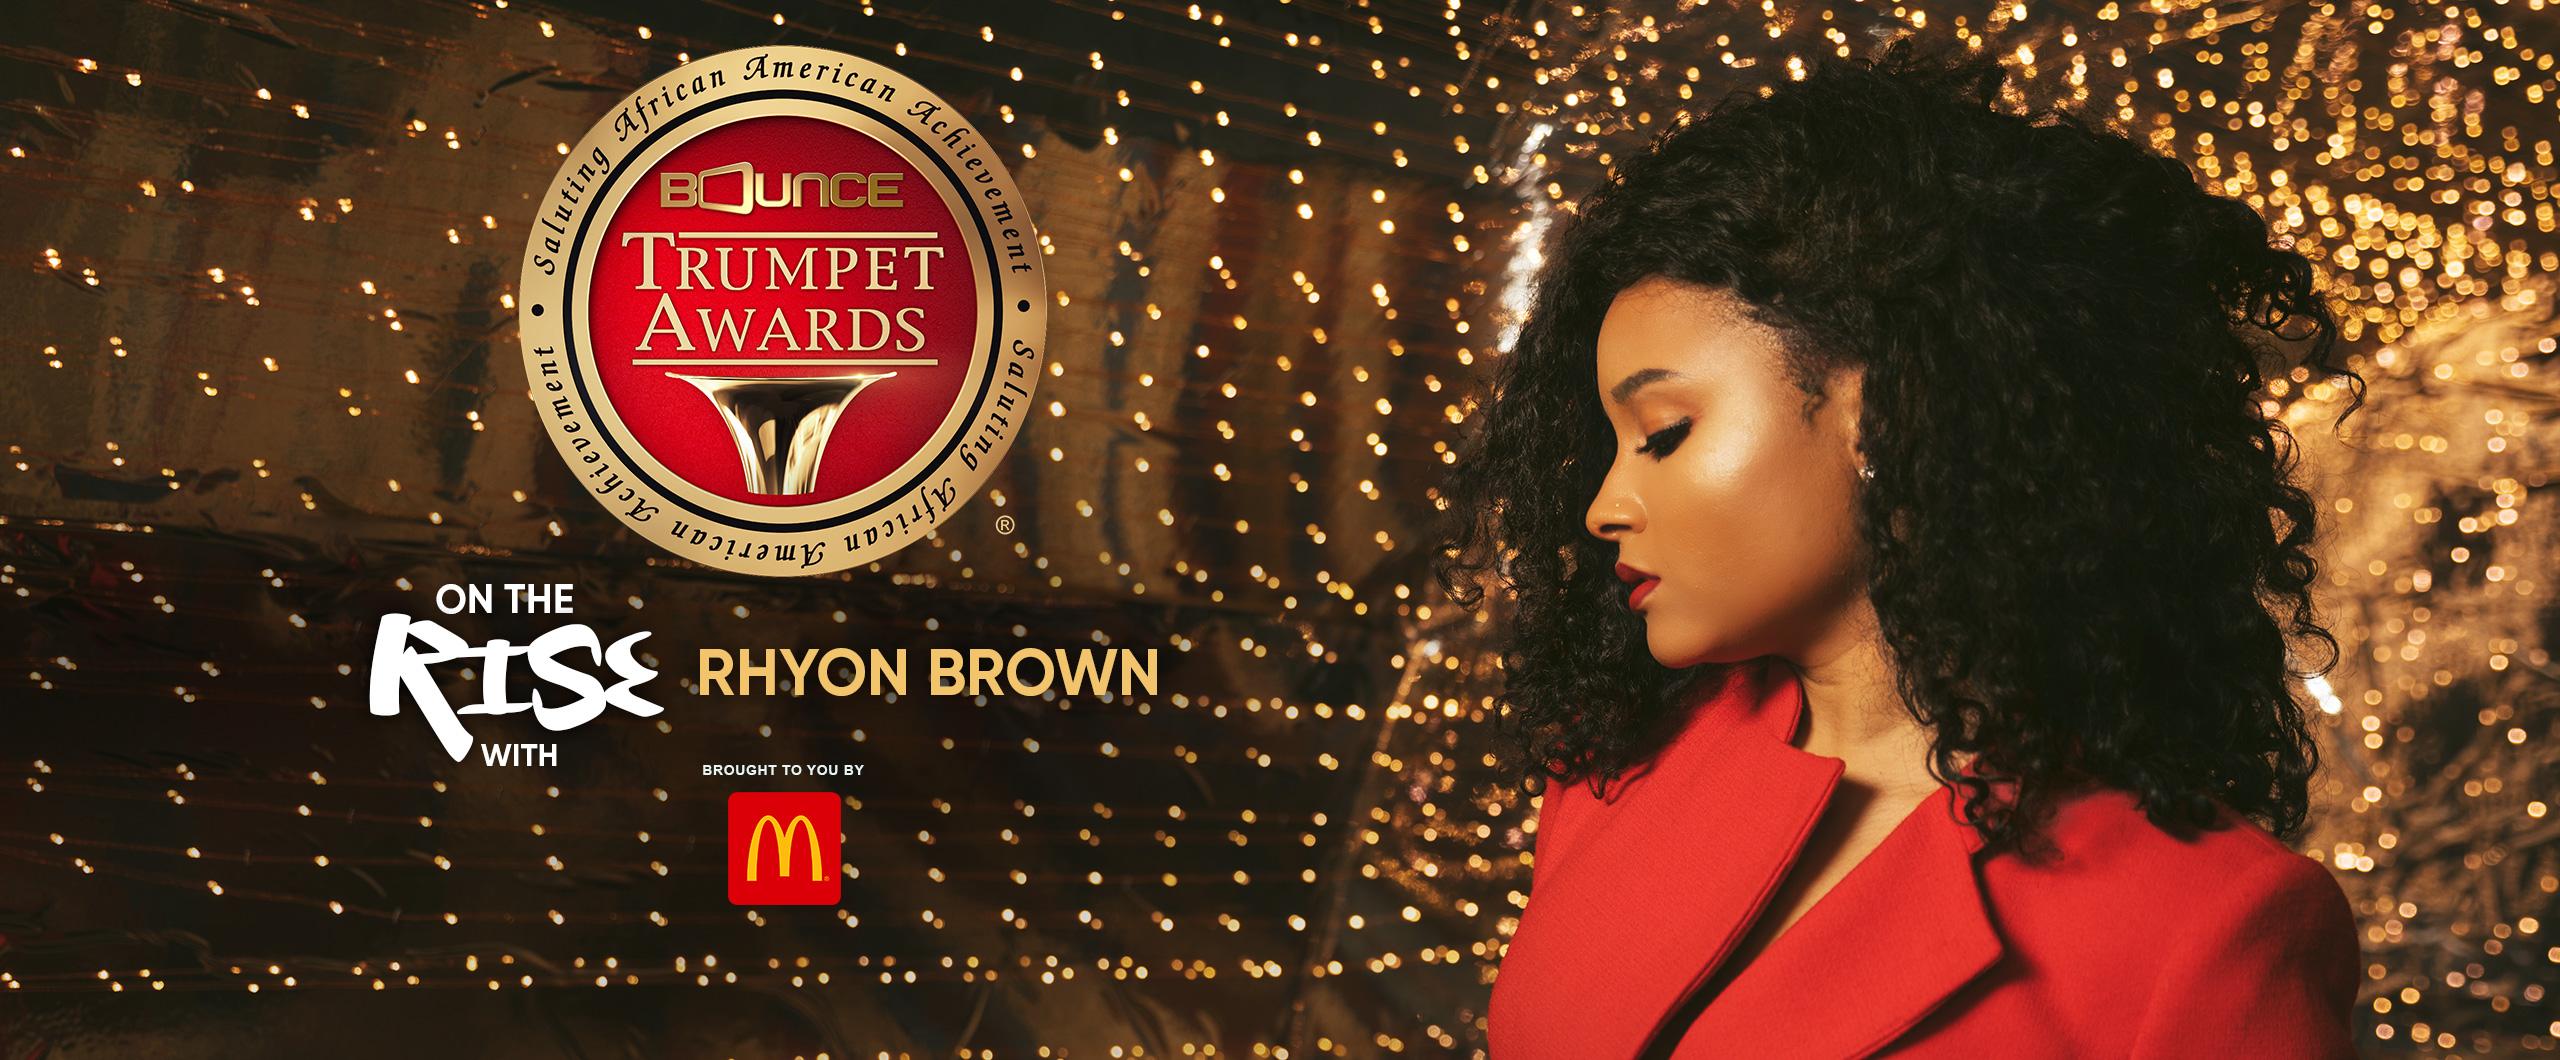 Rhyon Brown